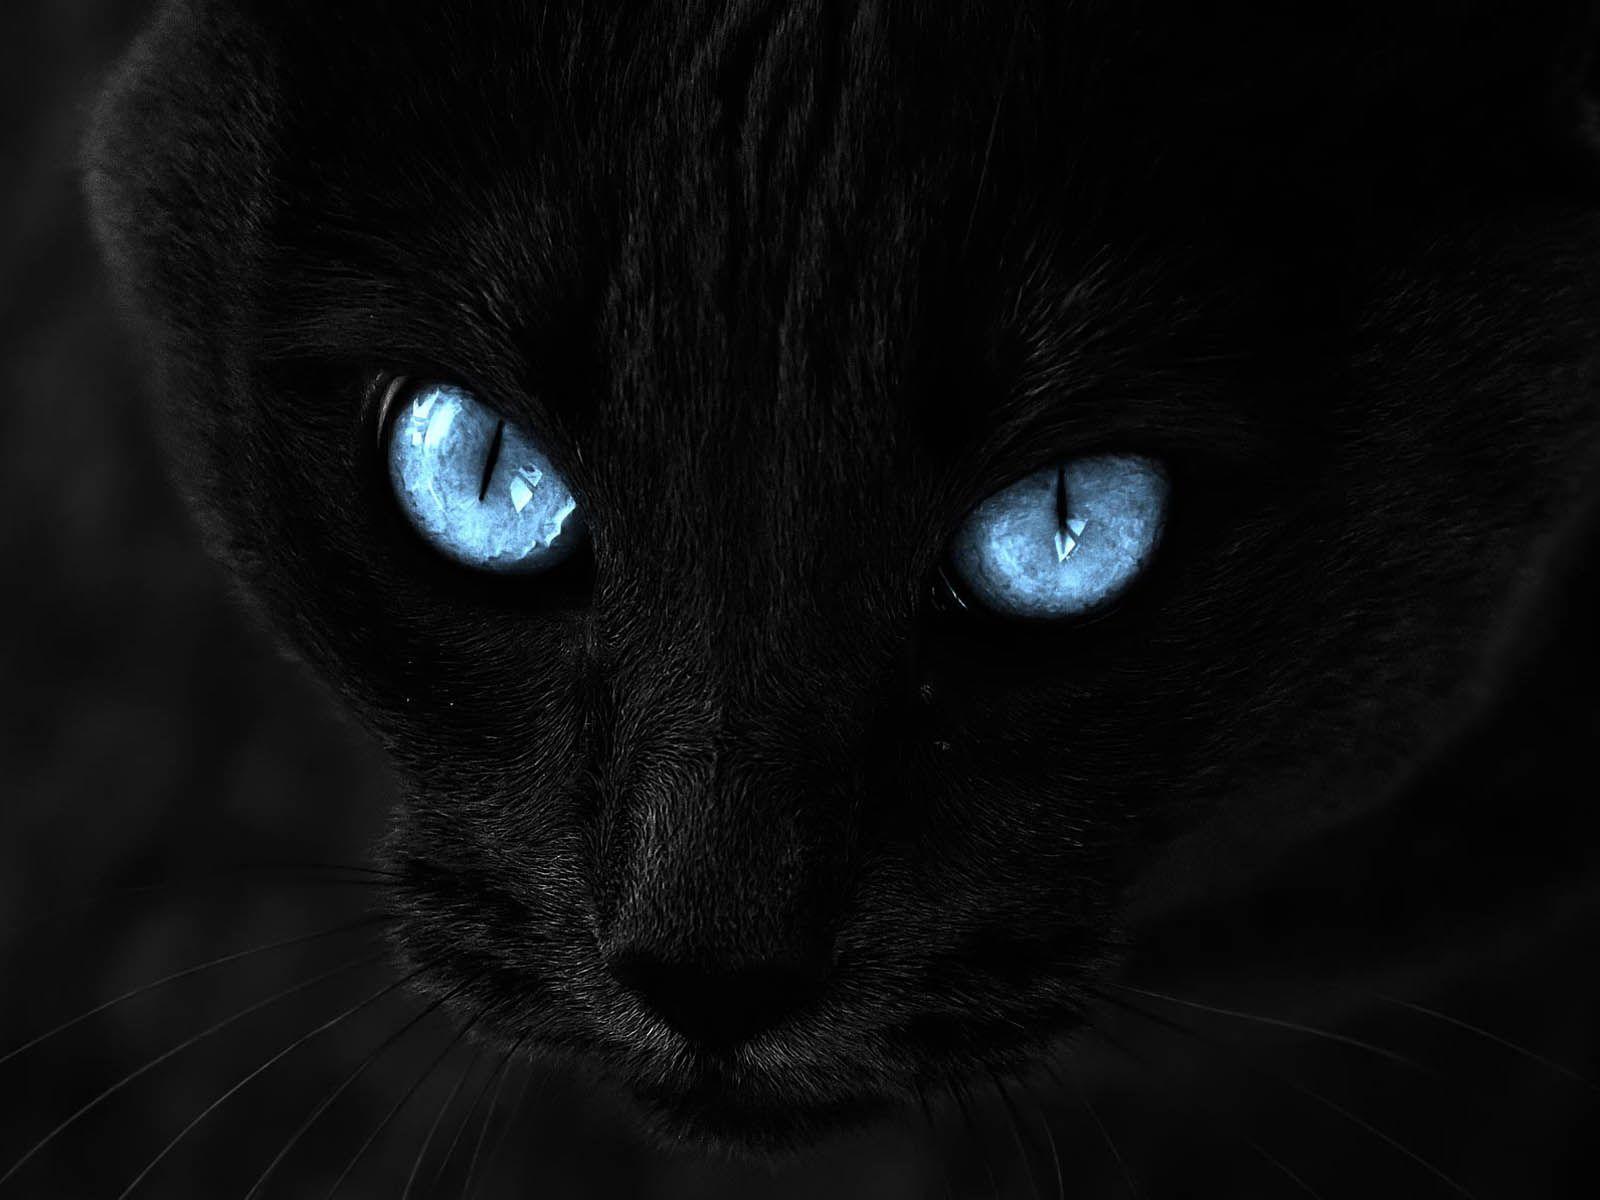 Oggi è il Gatto Nero Day: ecco le superstizioni dure a morire!